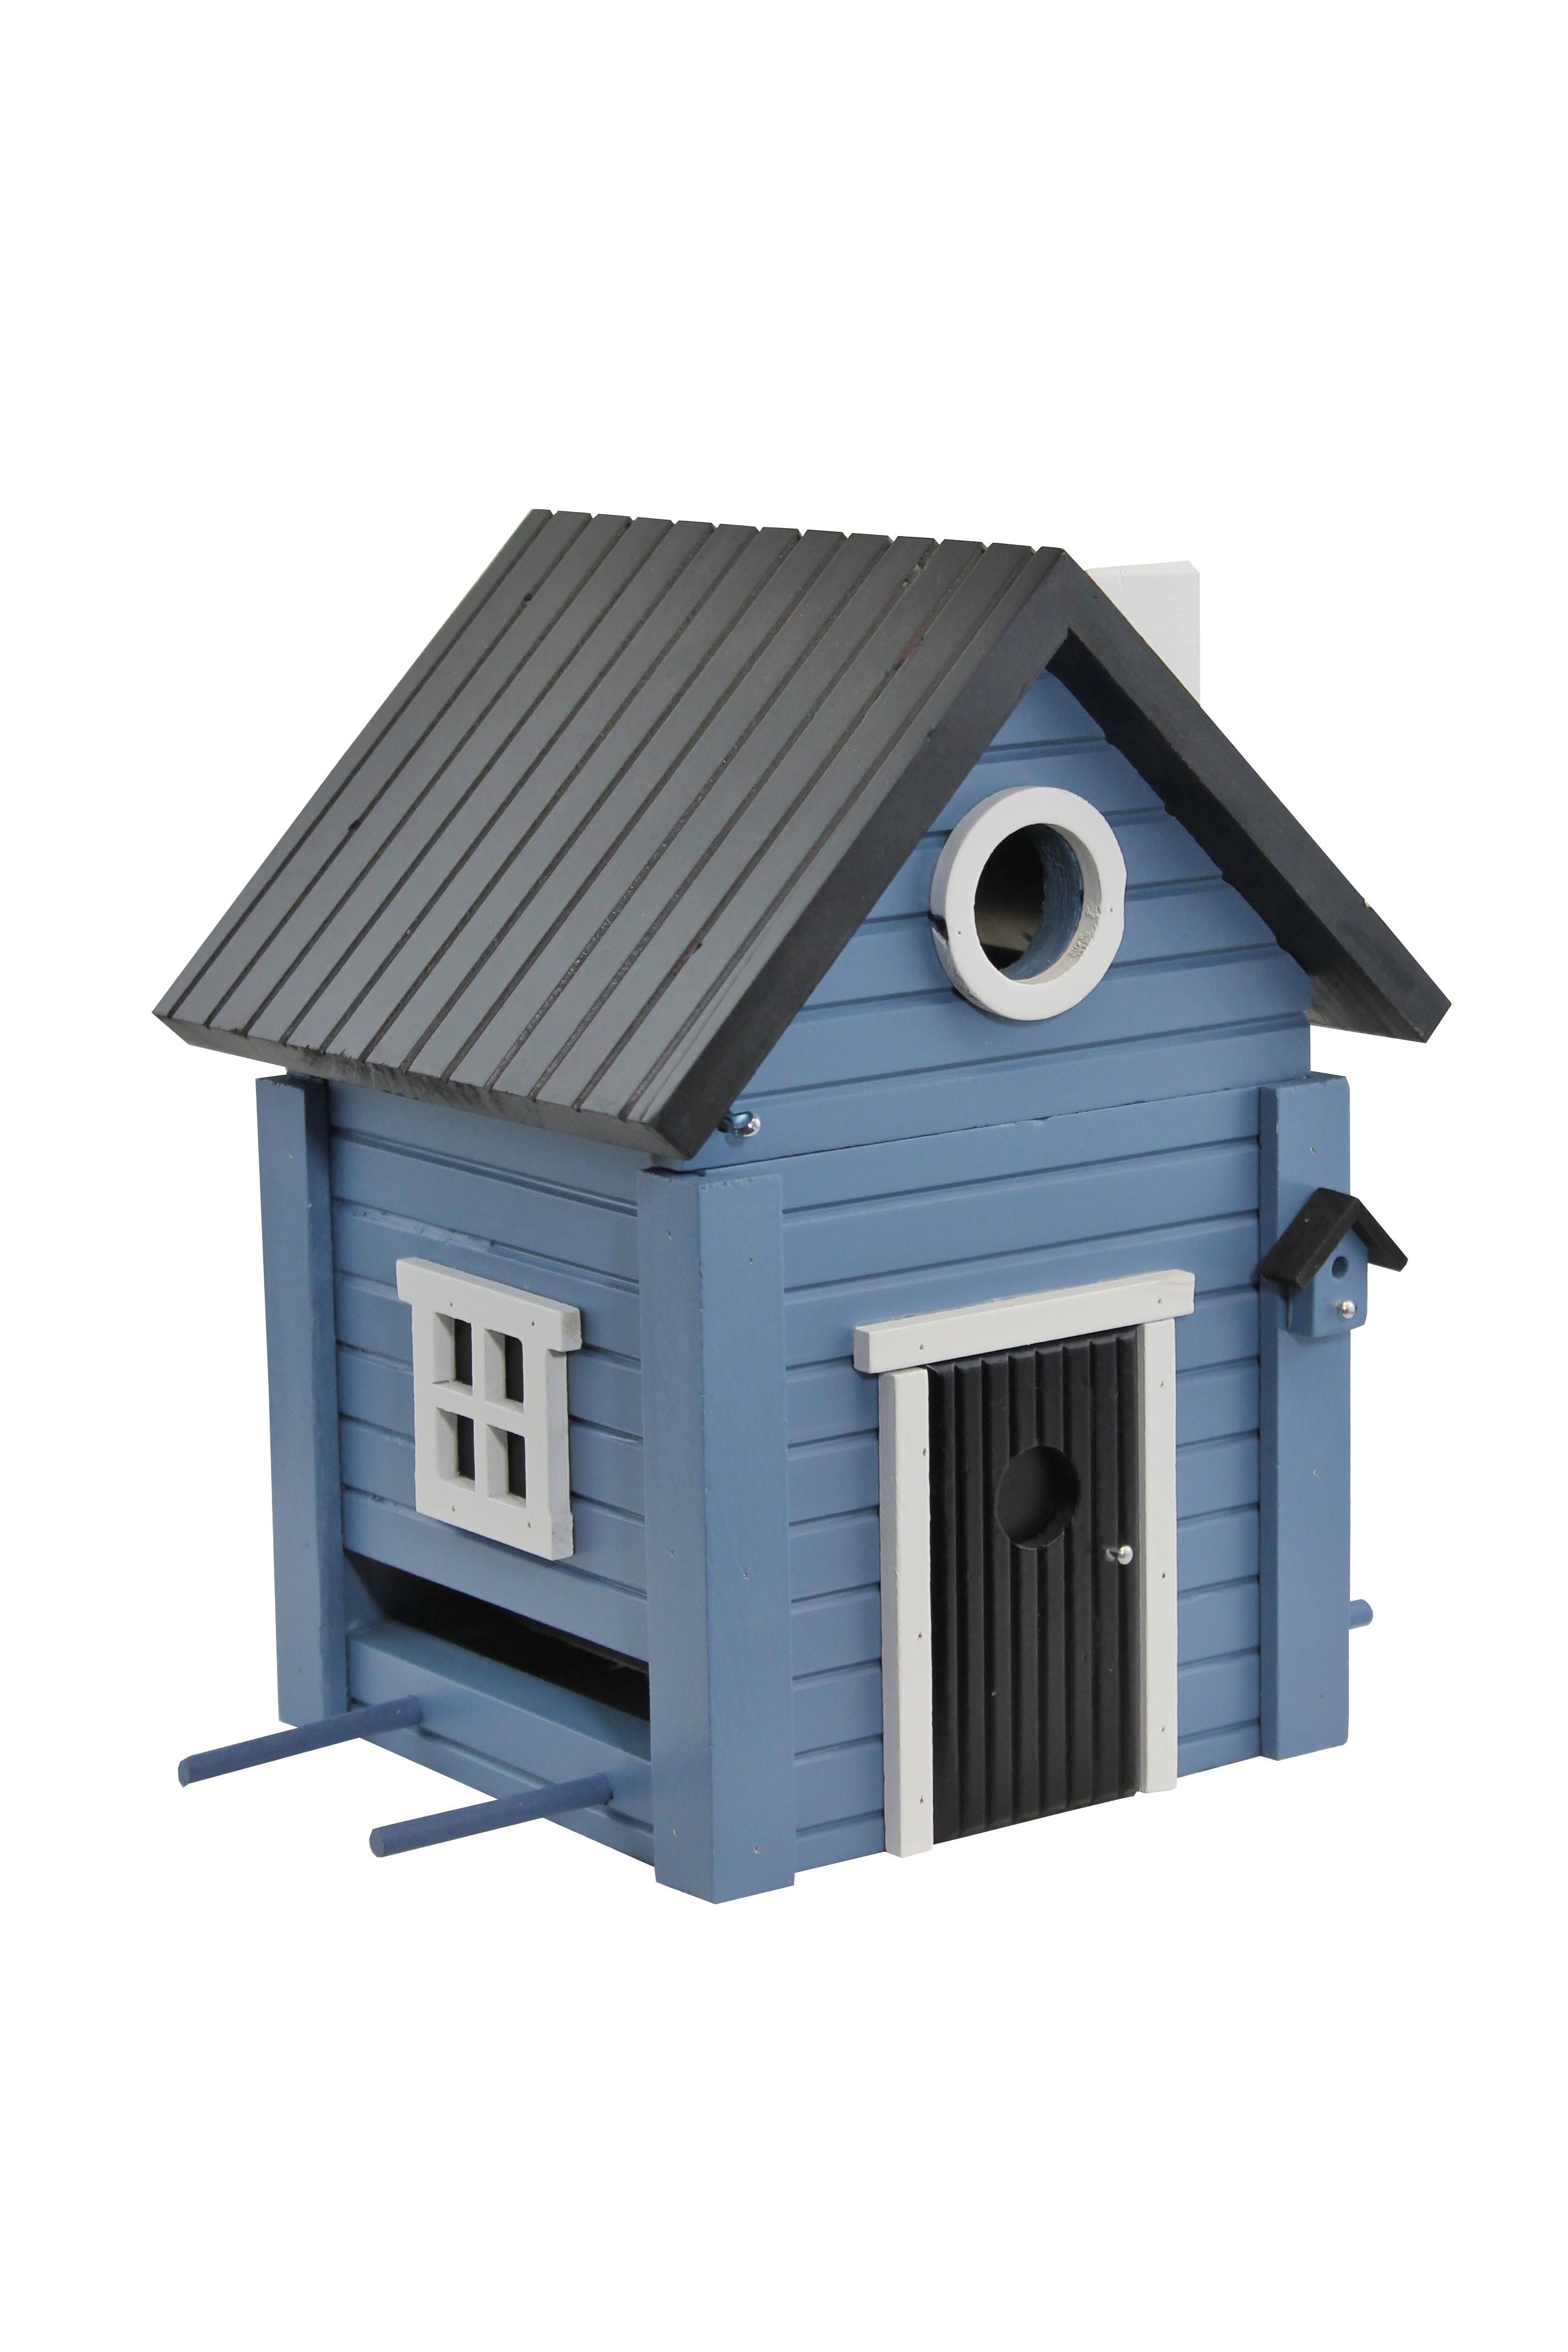 Multiholk Blaues Haus WG118 von Wildlife Garden